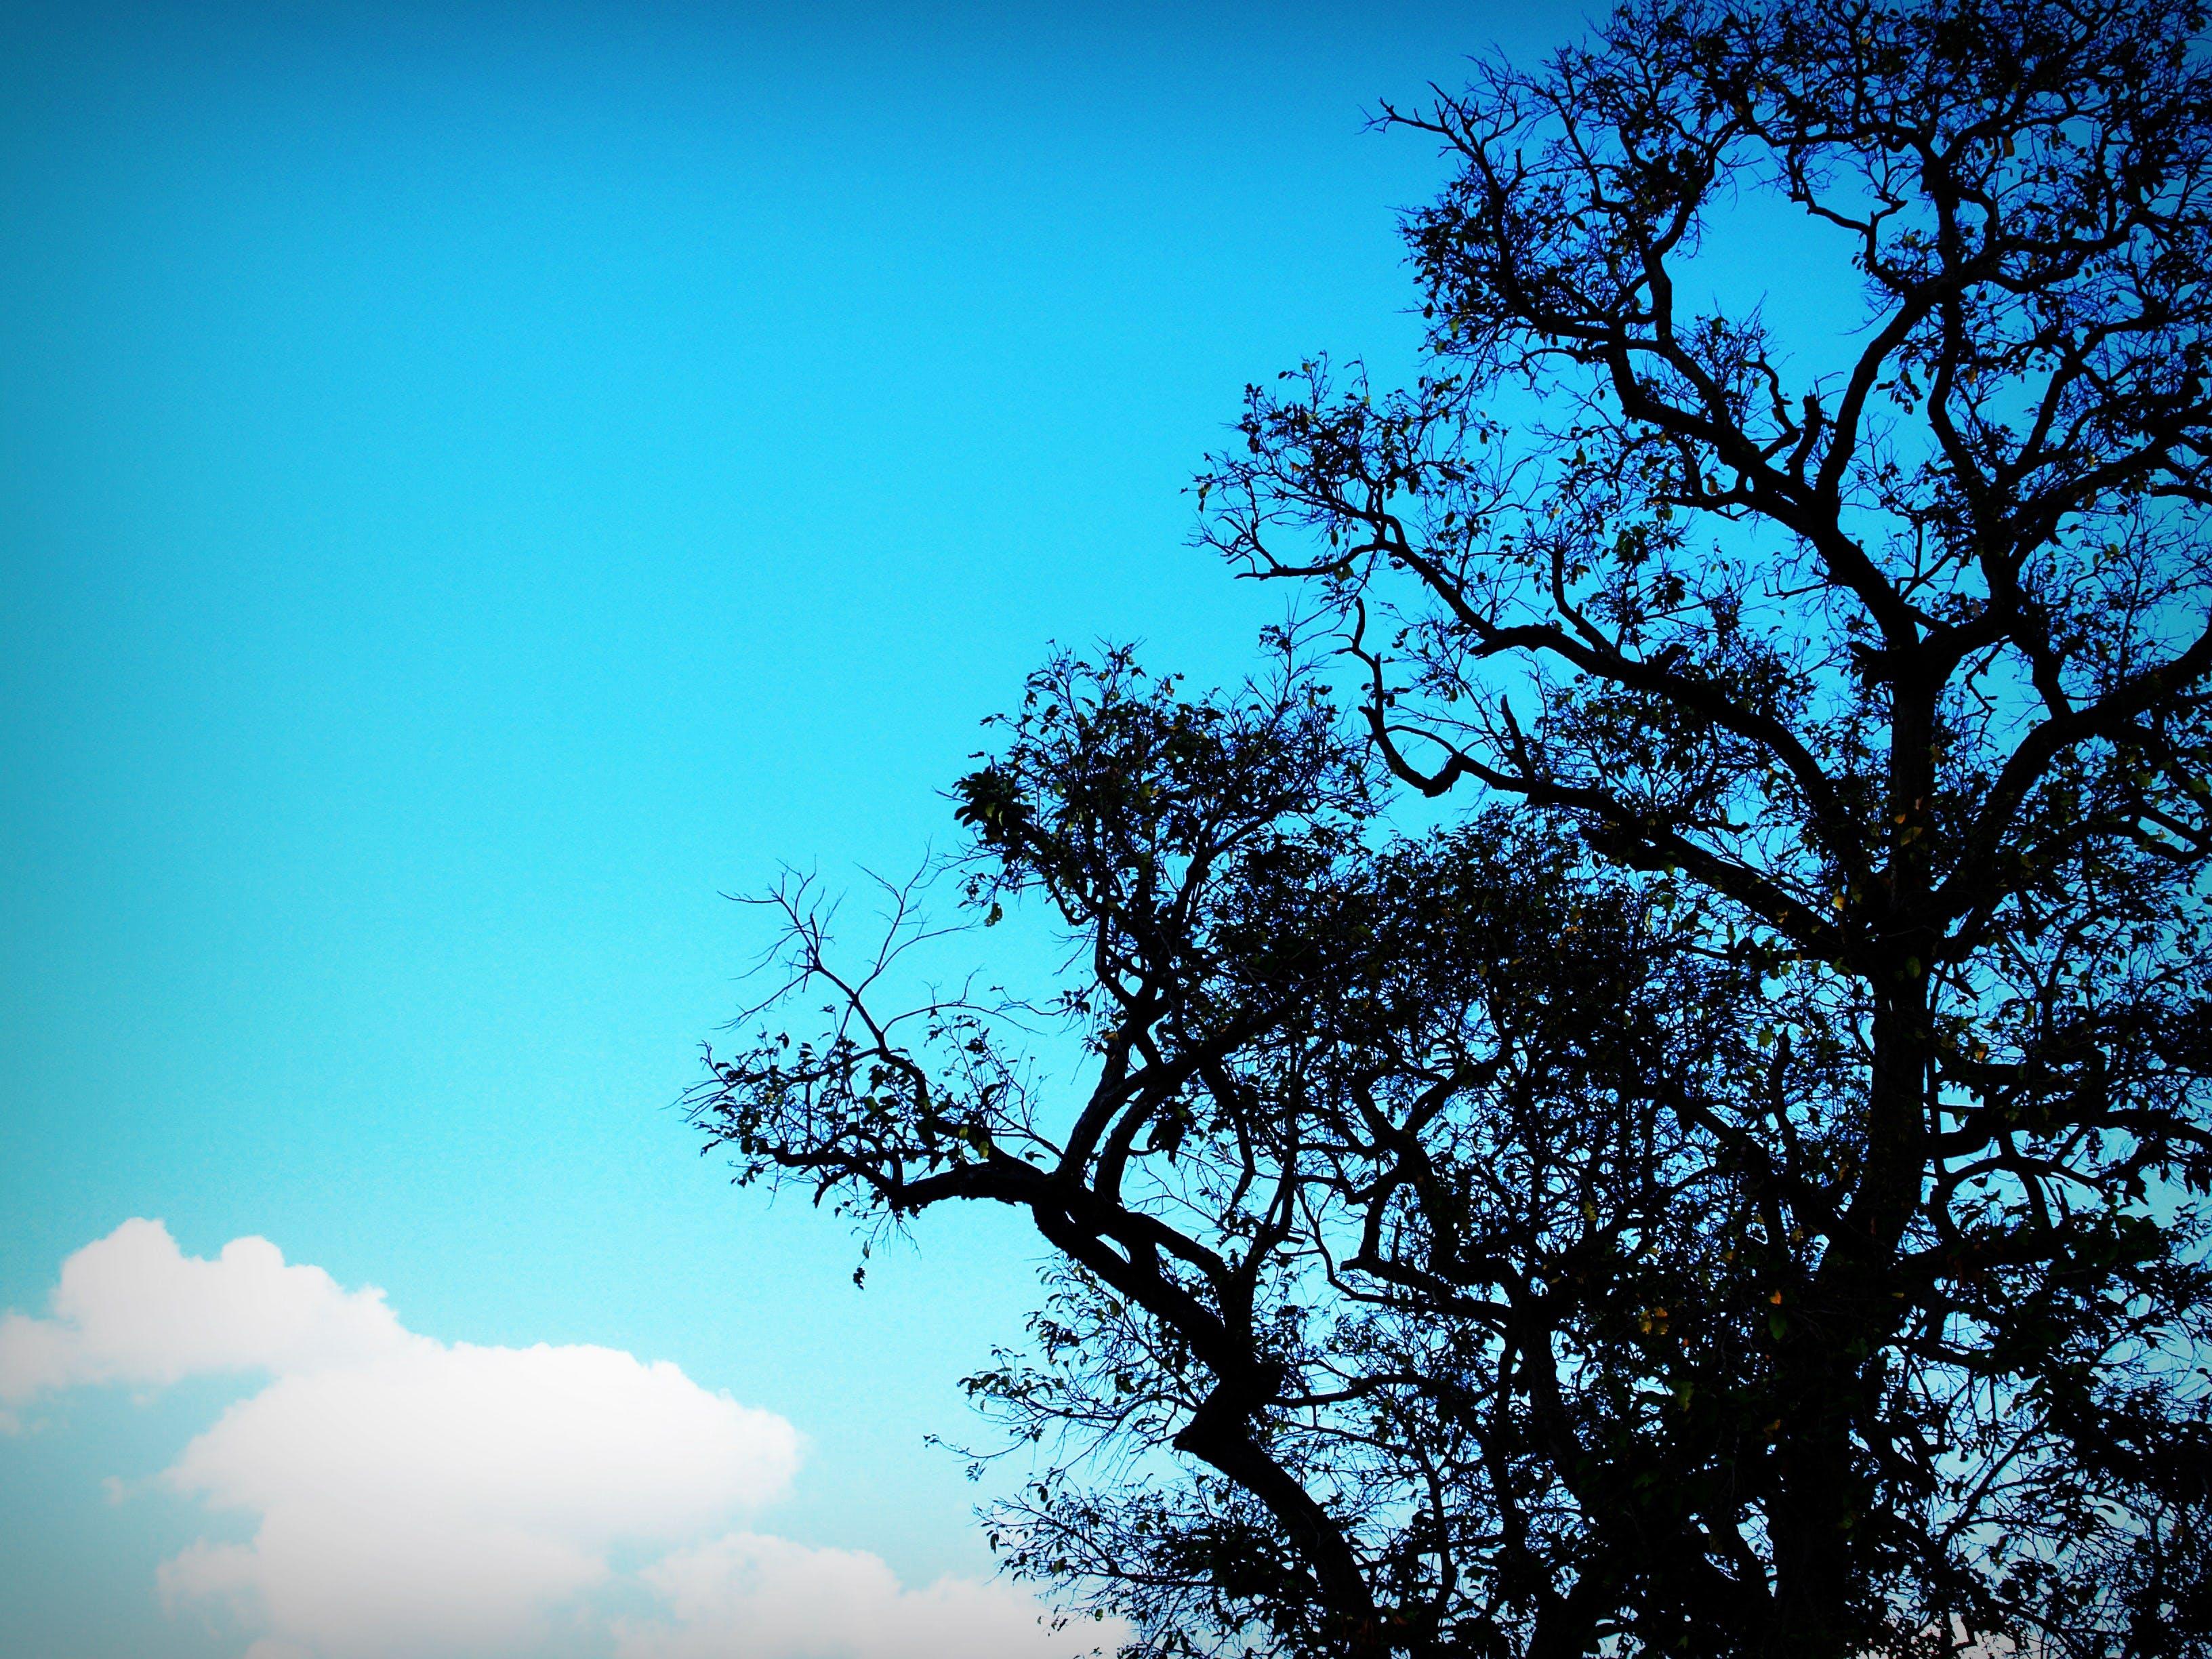 Fotos de stock gratuitas de árbol, bañador, blanco, cielo